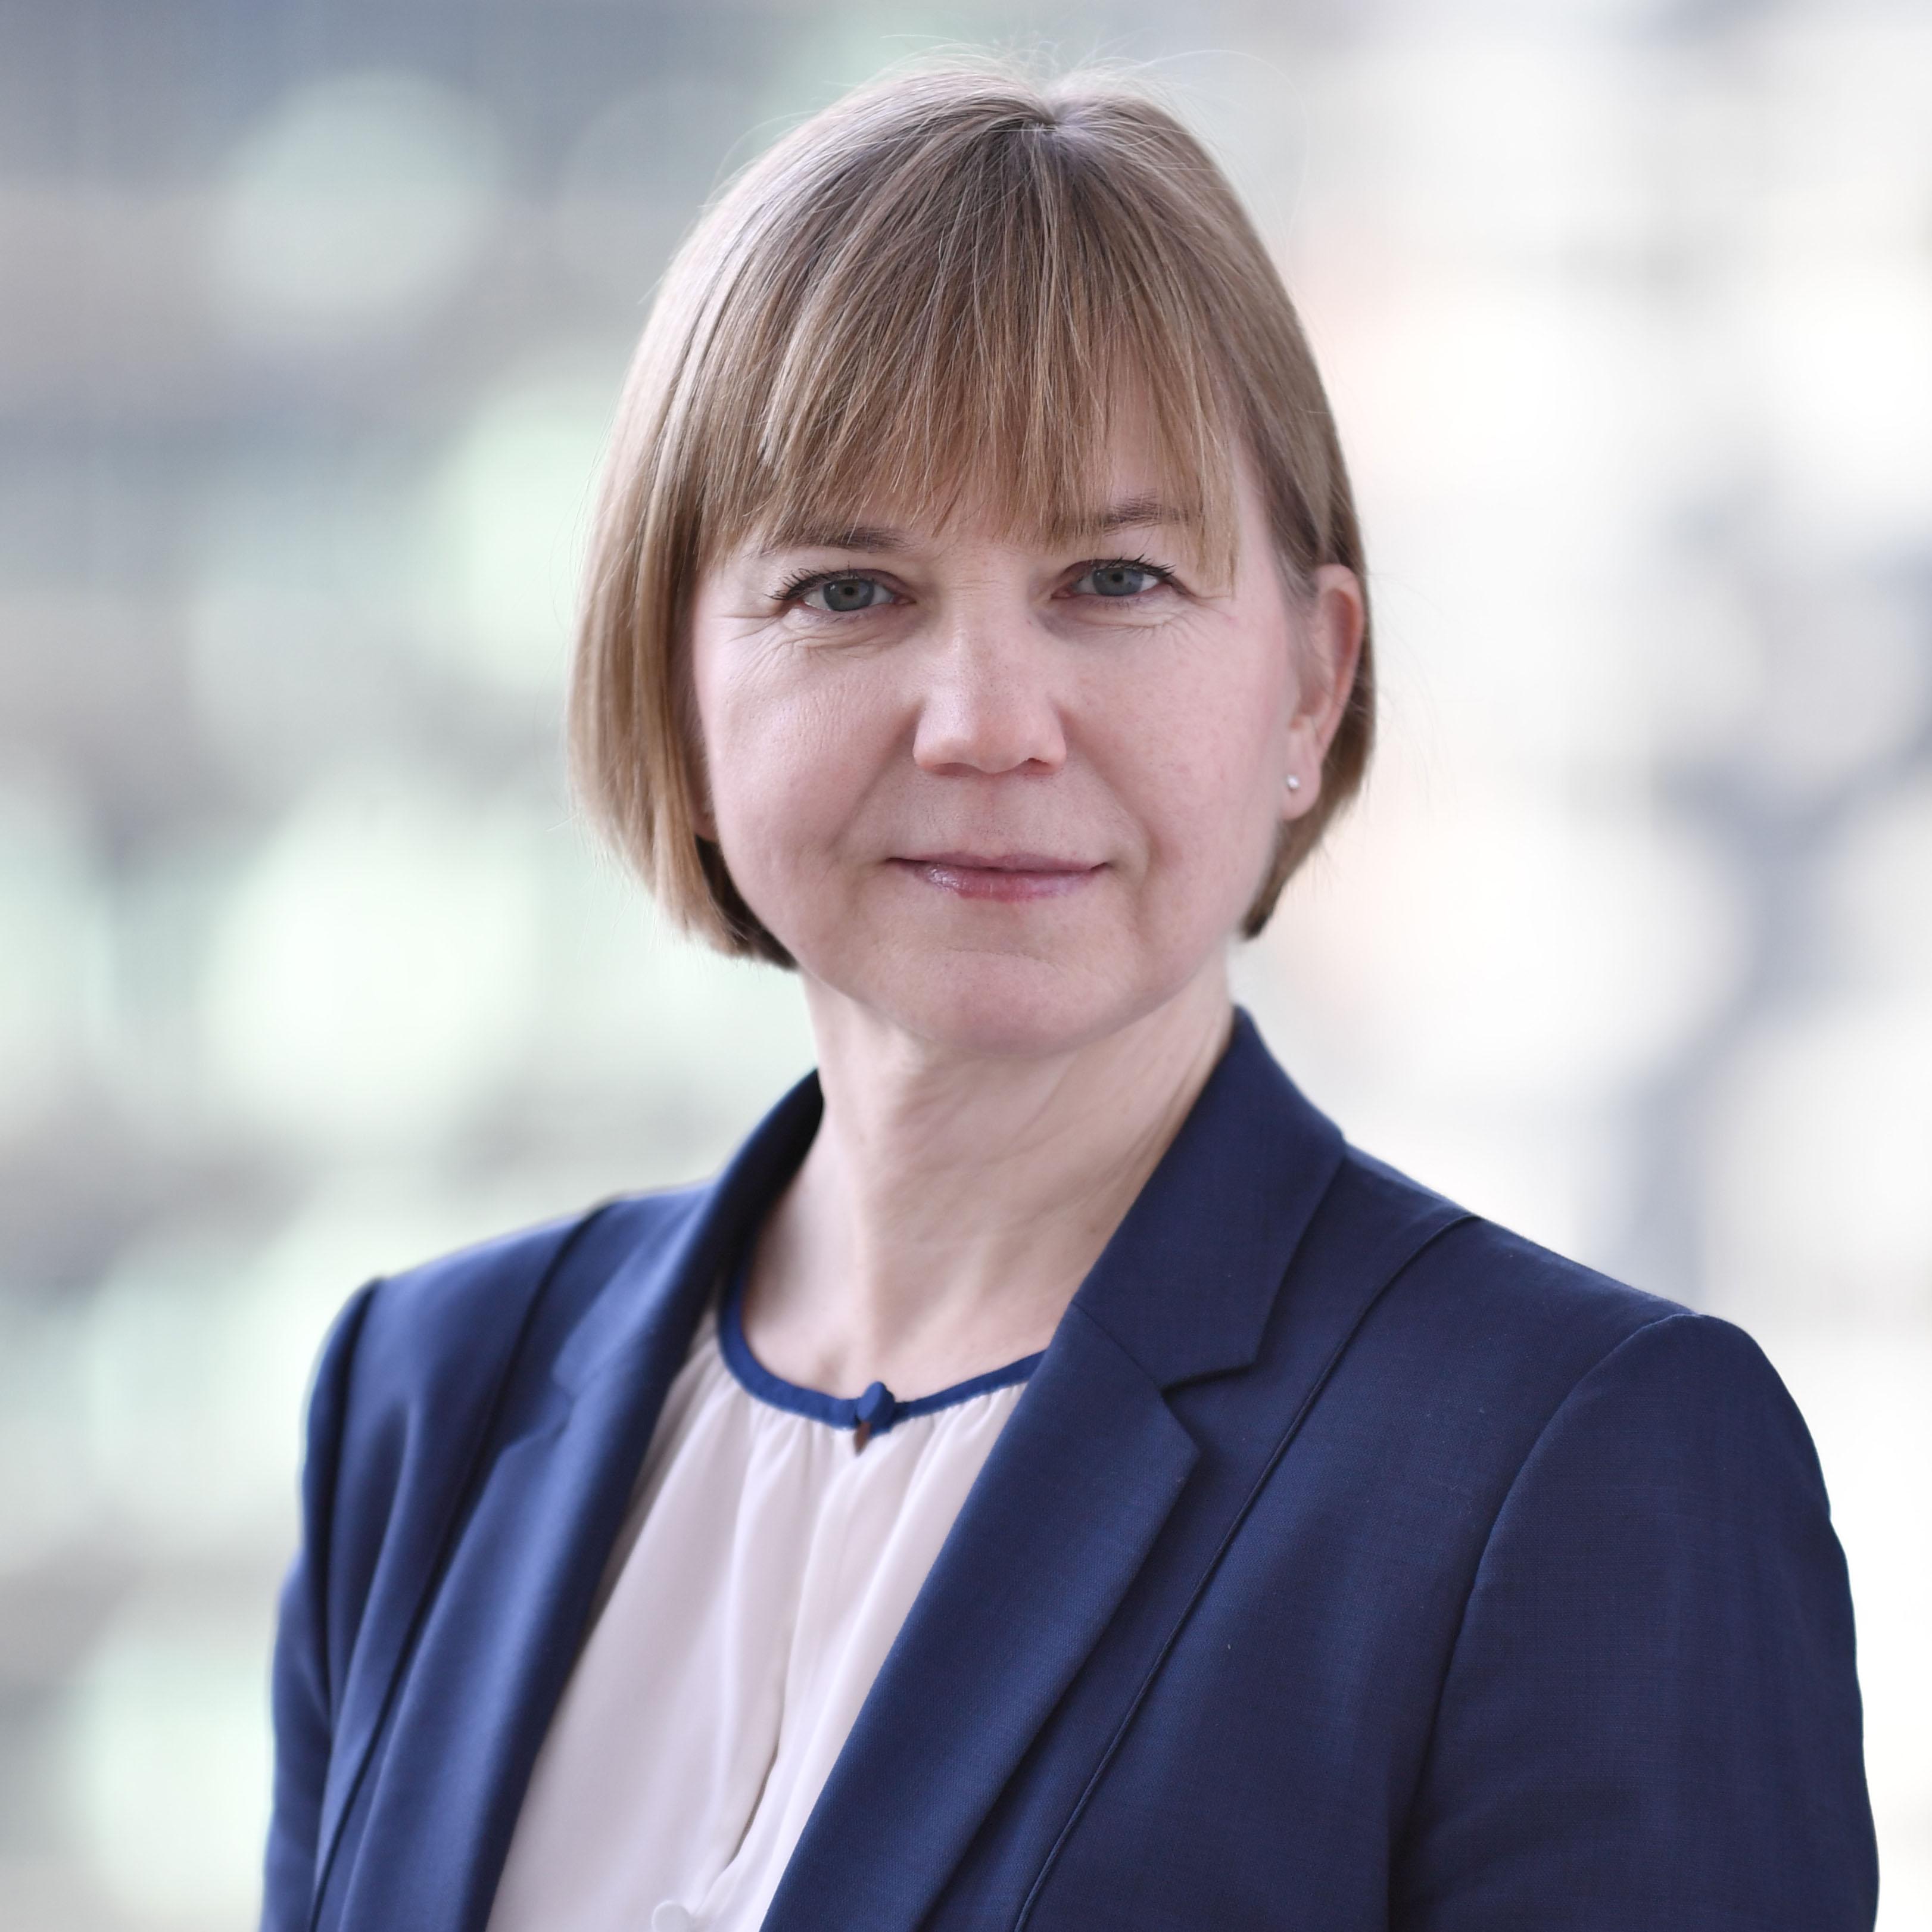 Natalya Zhukova